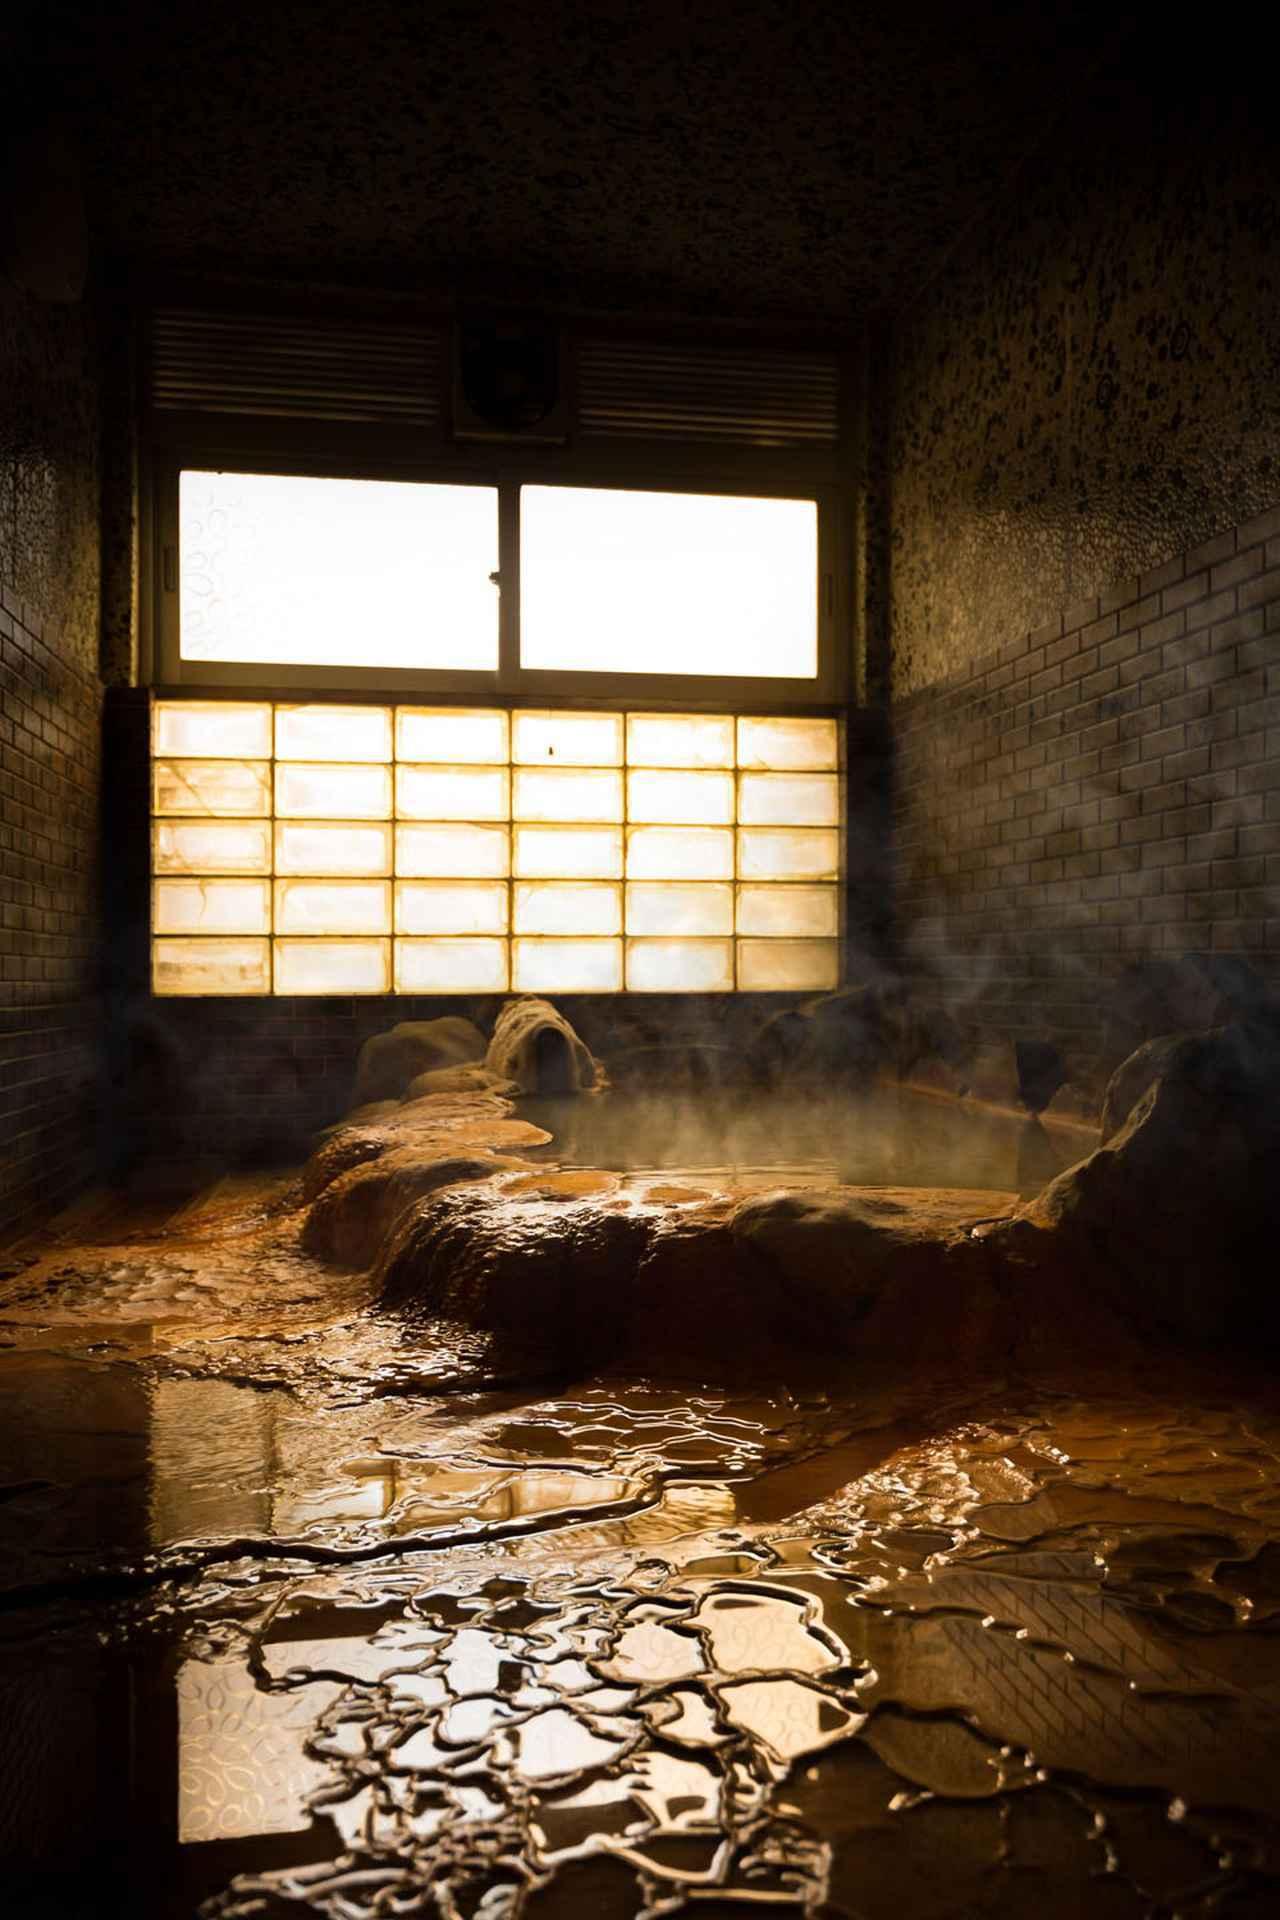 画像: 温泉津温泉「薬師湯別館」貸切風呂